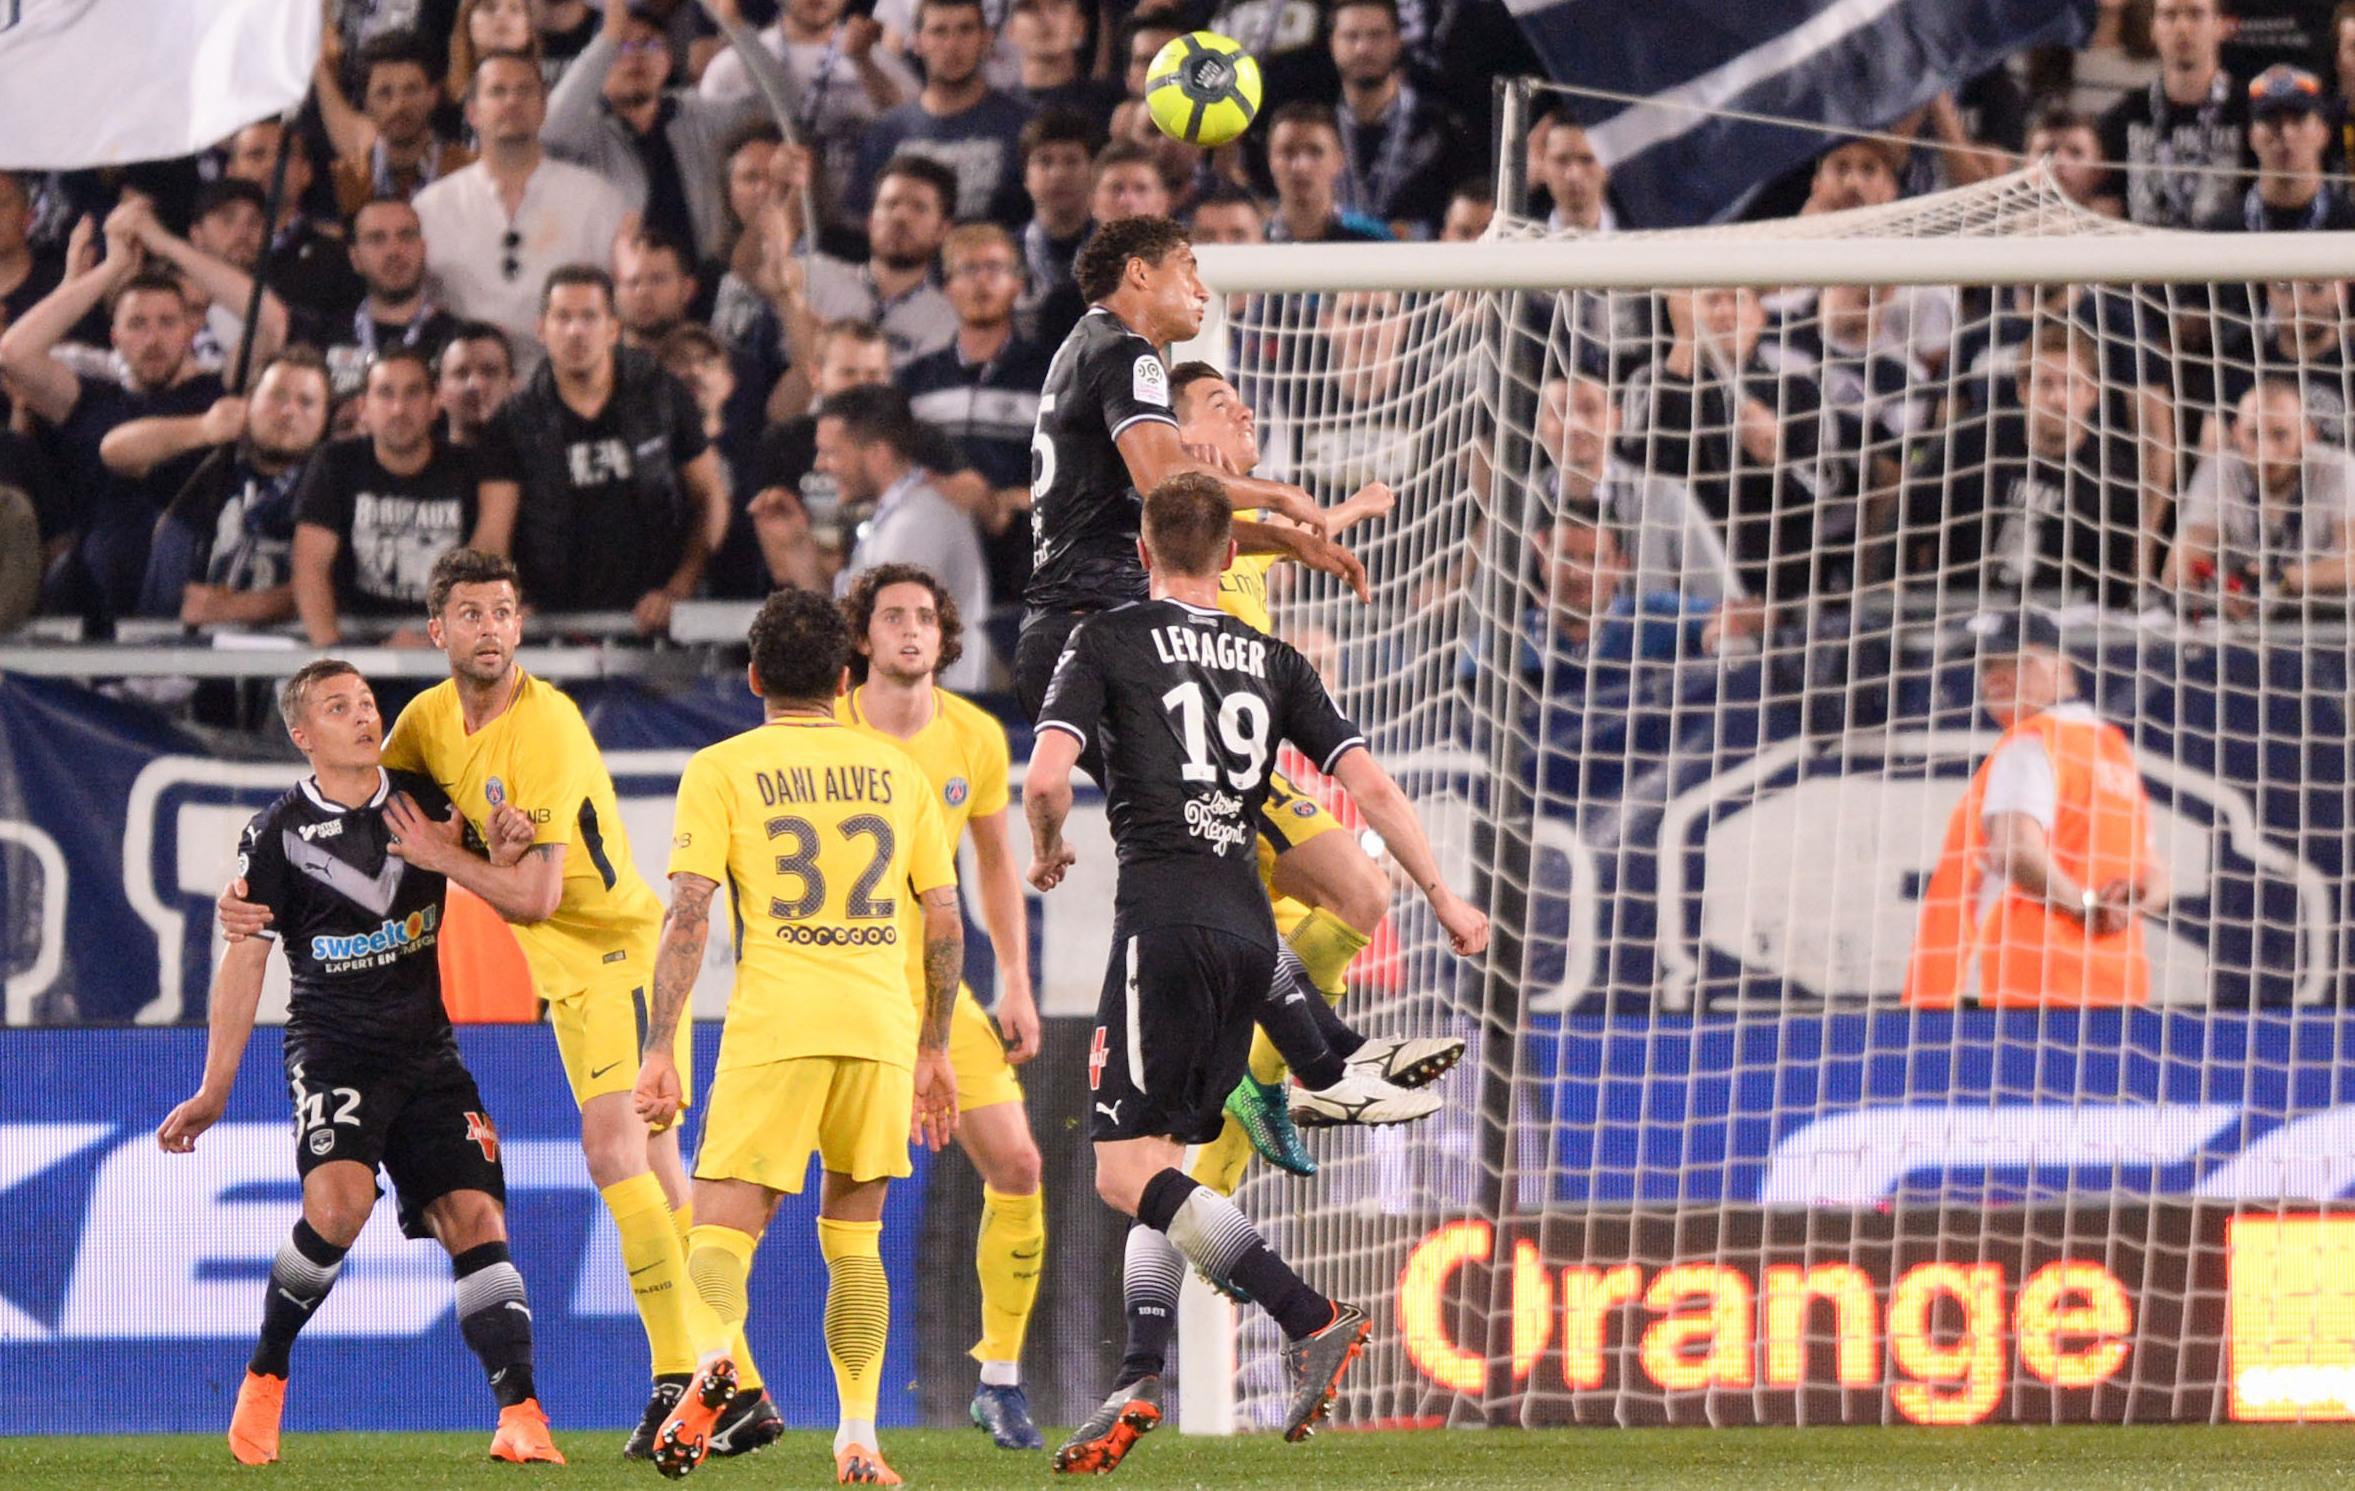 Football - Ligue 1 - Droits TV : Une nouvelle programmation à partir de 2020